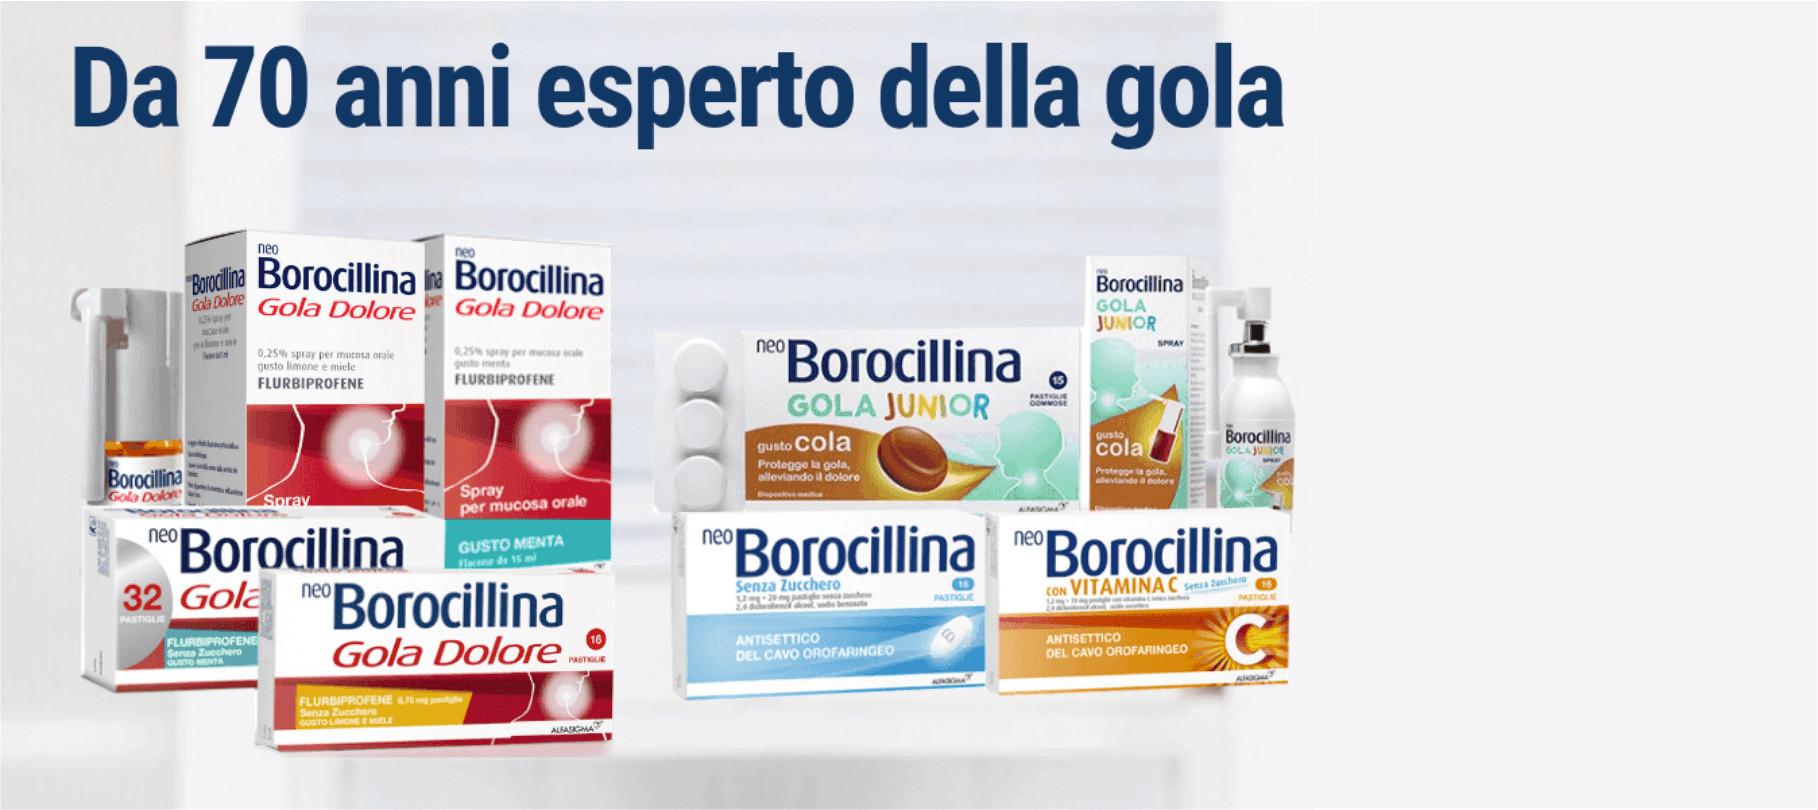 offerta-borocillina-farmacia-delogu-sassari